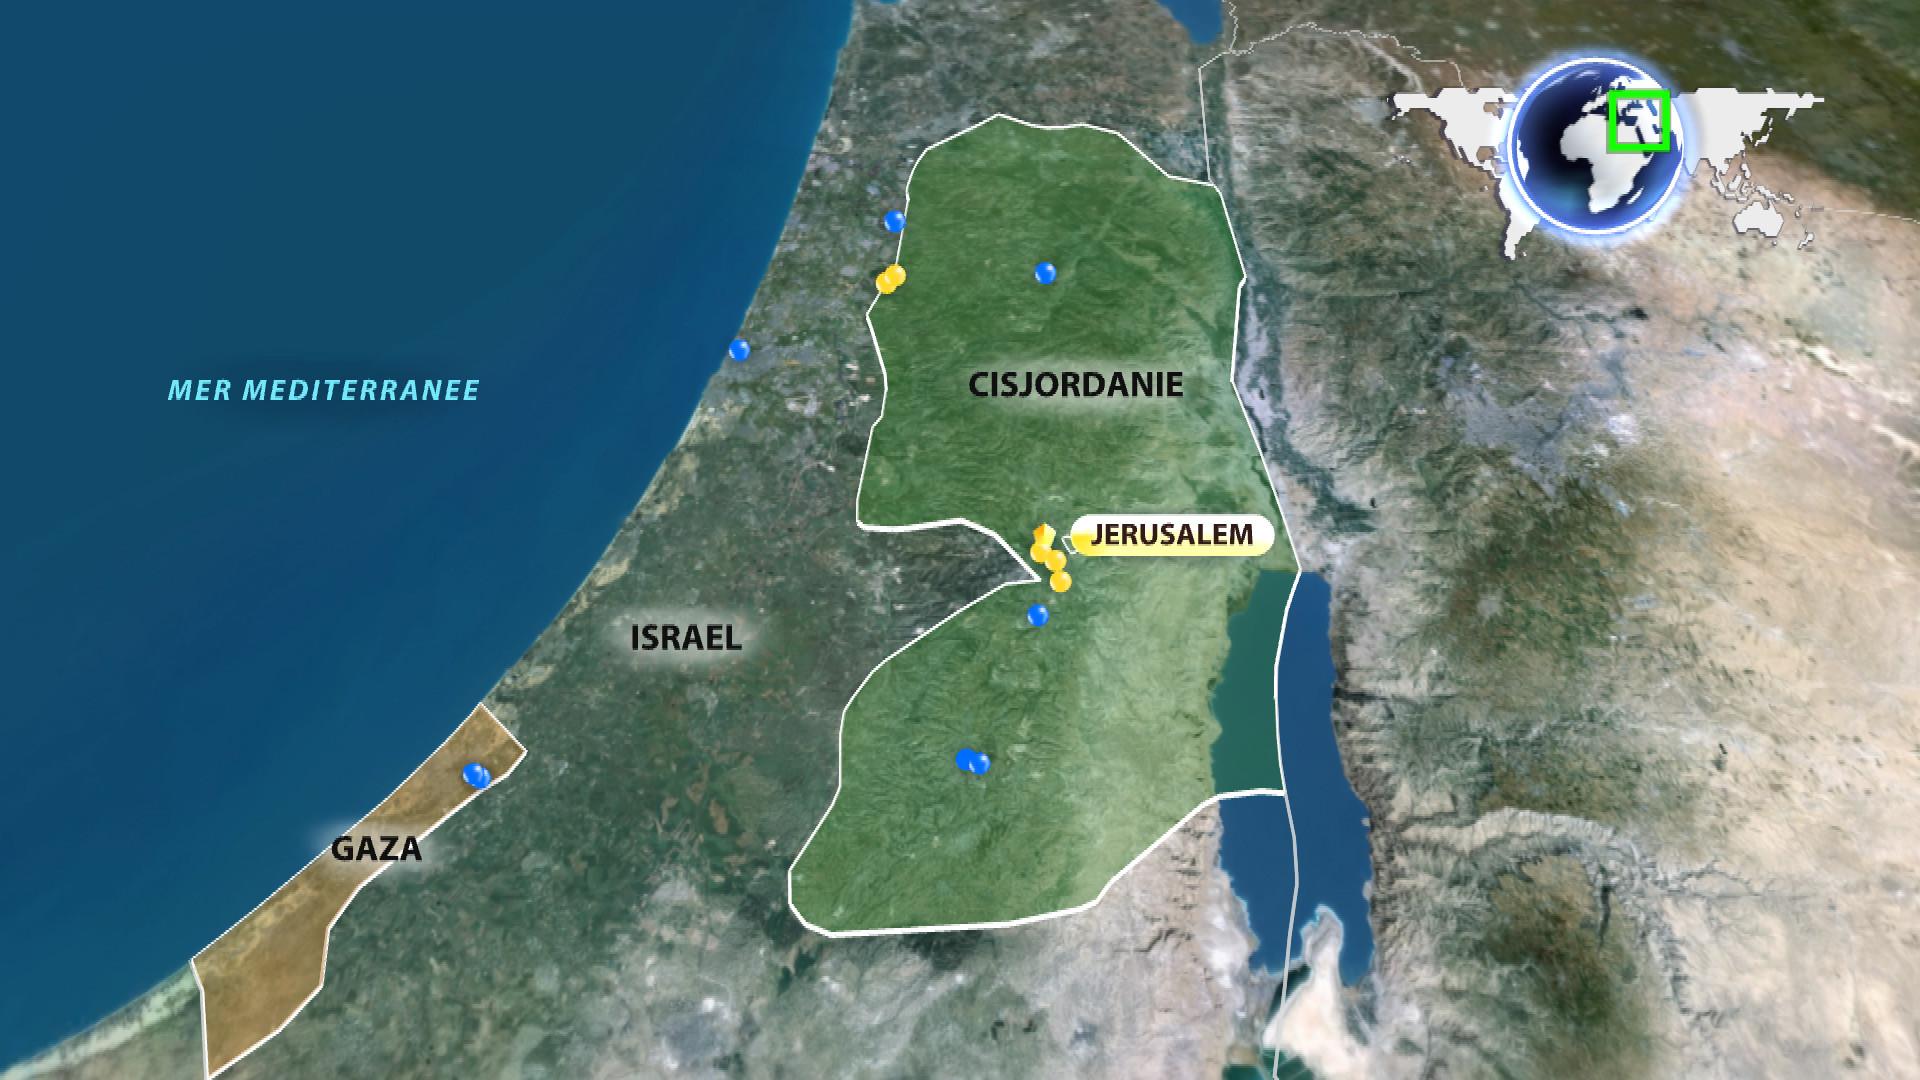 La carte des attaques en Israël. Les points jaunes montrent où les Israéliens ont été poignardés à mort alors que les points bleus marquent les endroits où des Palestiniens ont été tués.